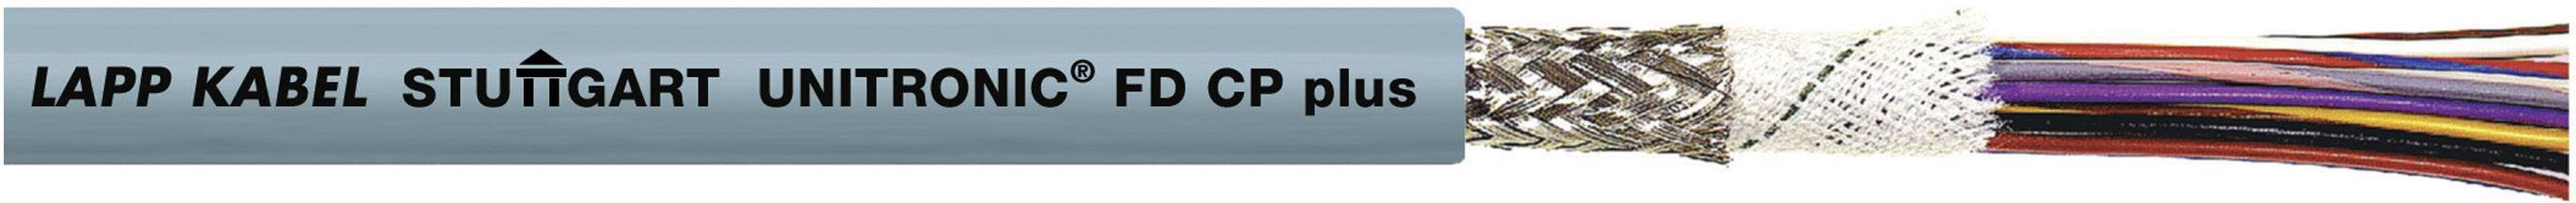 Datový kabel LappKabel UNITRONIC FD CP PLUS 5X0,14 (0028883), 5x 0,14 mm², Ø 5,1 mm, stíněný, 500 m, šedá